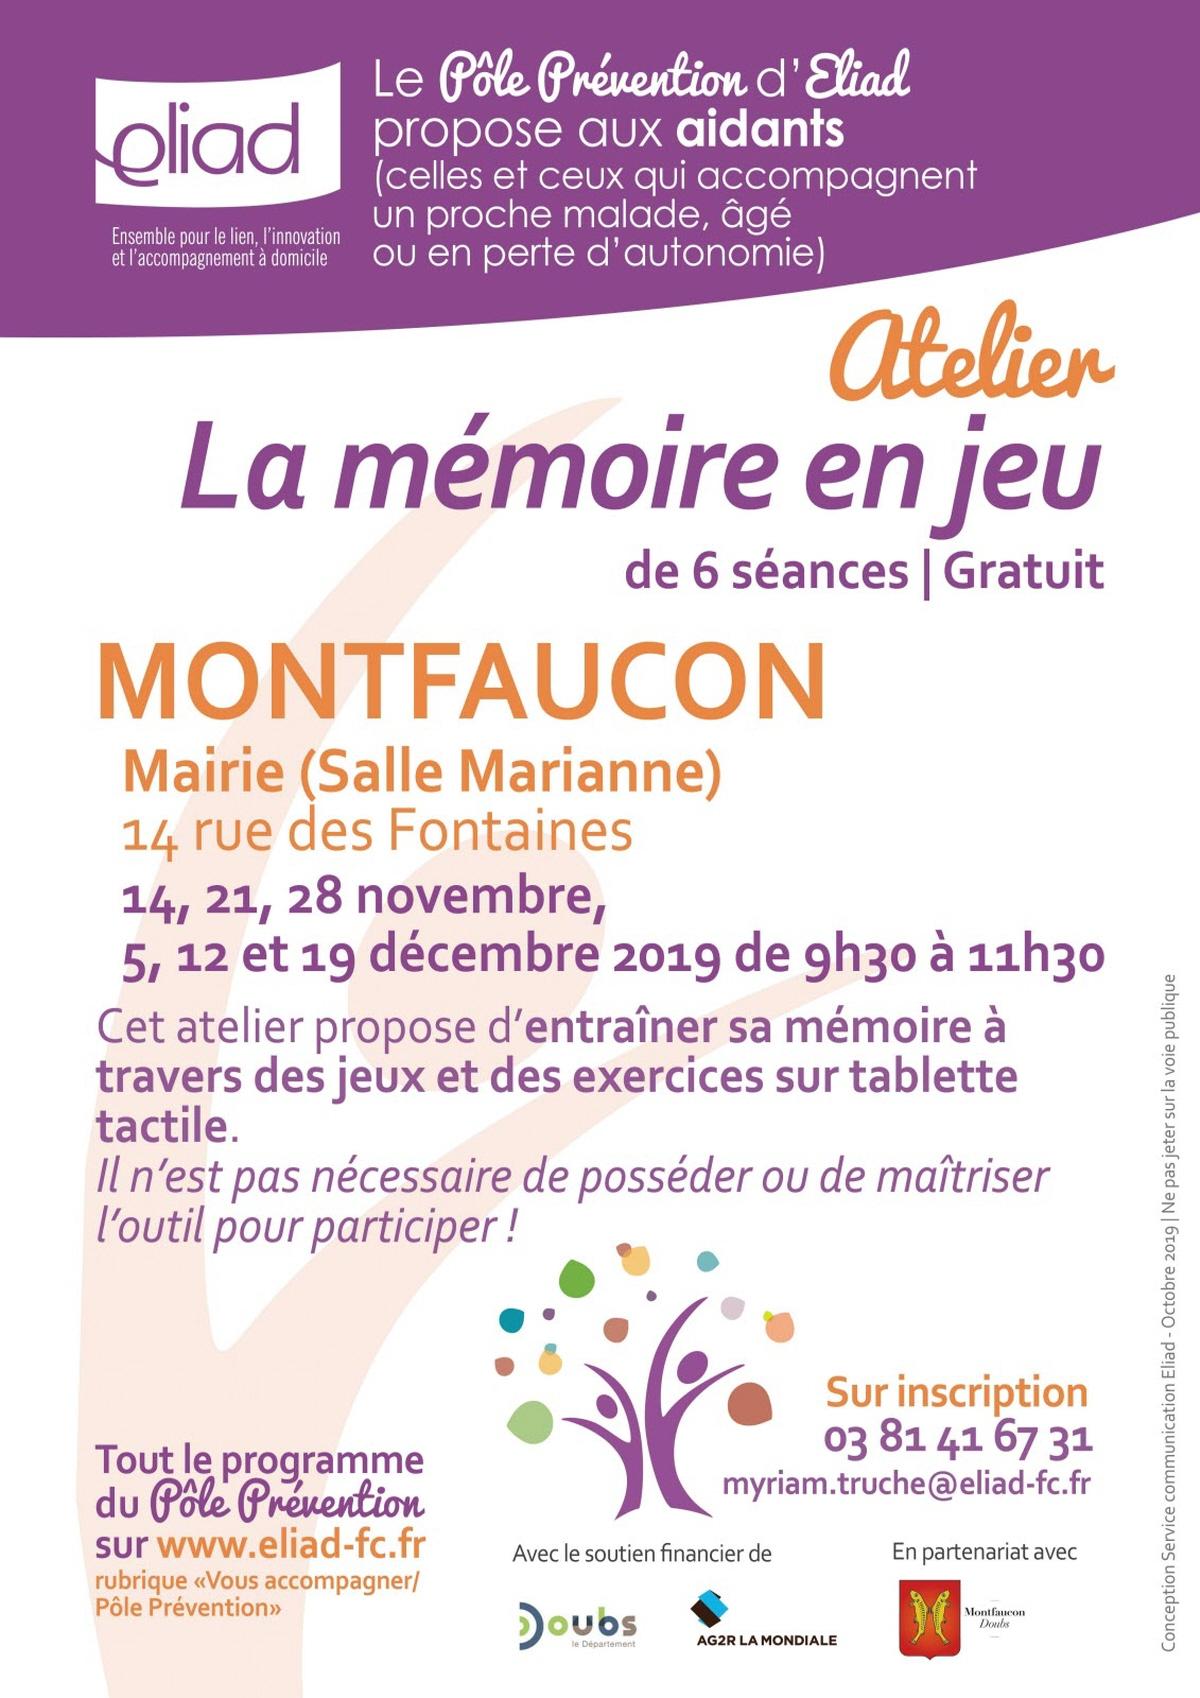 La Memoire En Jeu» : Rencontre, Conference A Montfaucon encequiconcerne Jeux Memoire Gratuit